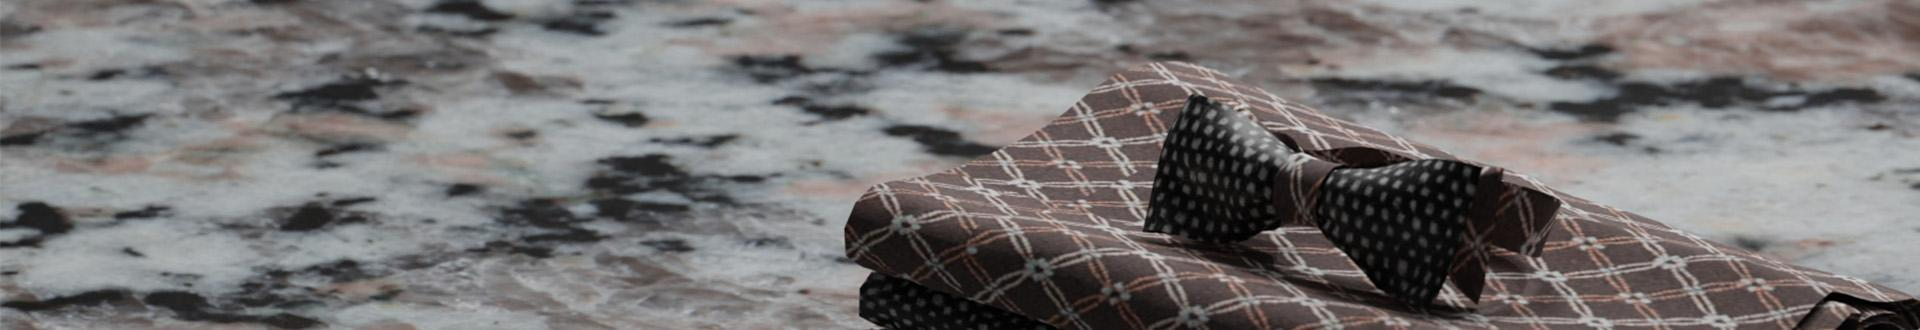 Złożone serwetki na marmurowym blacie